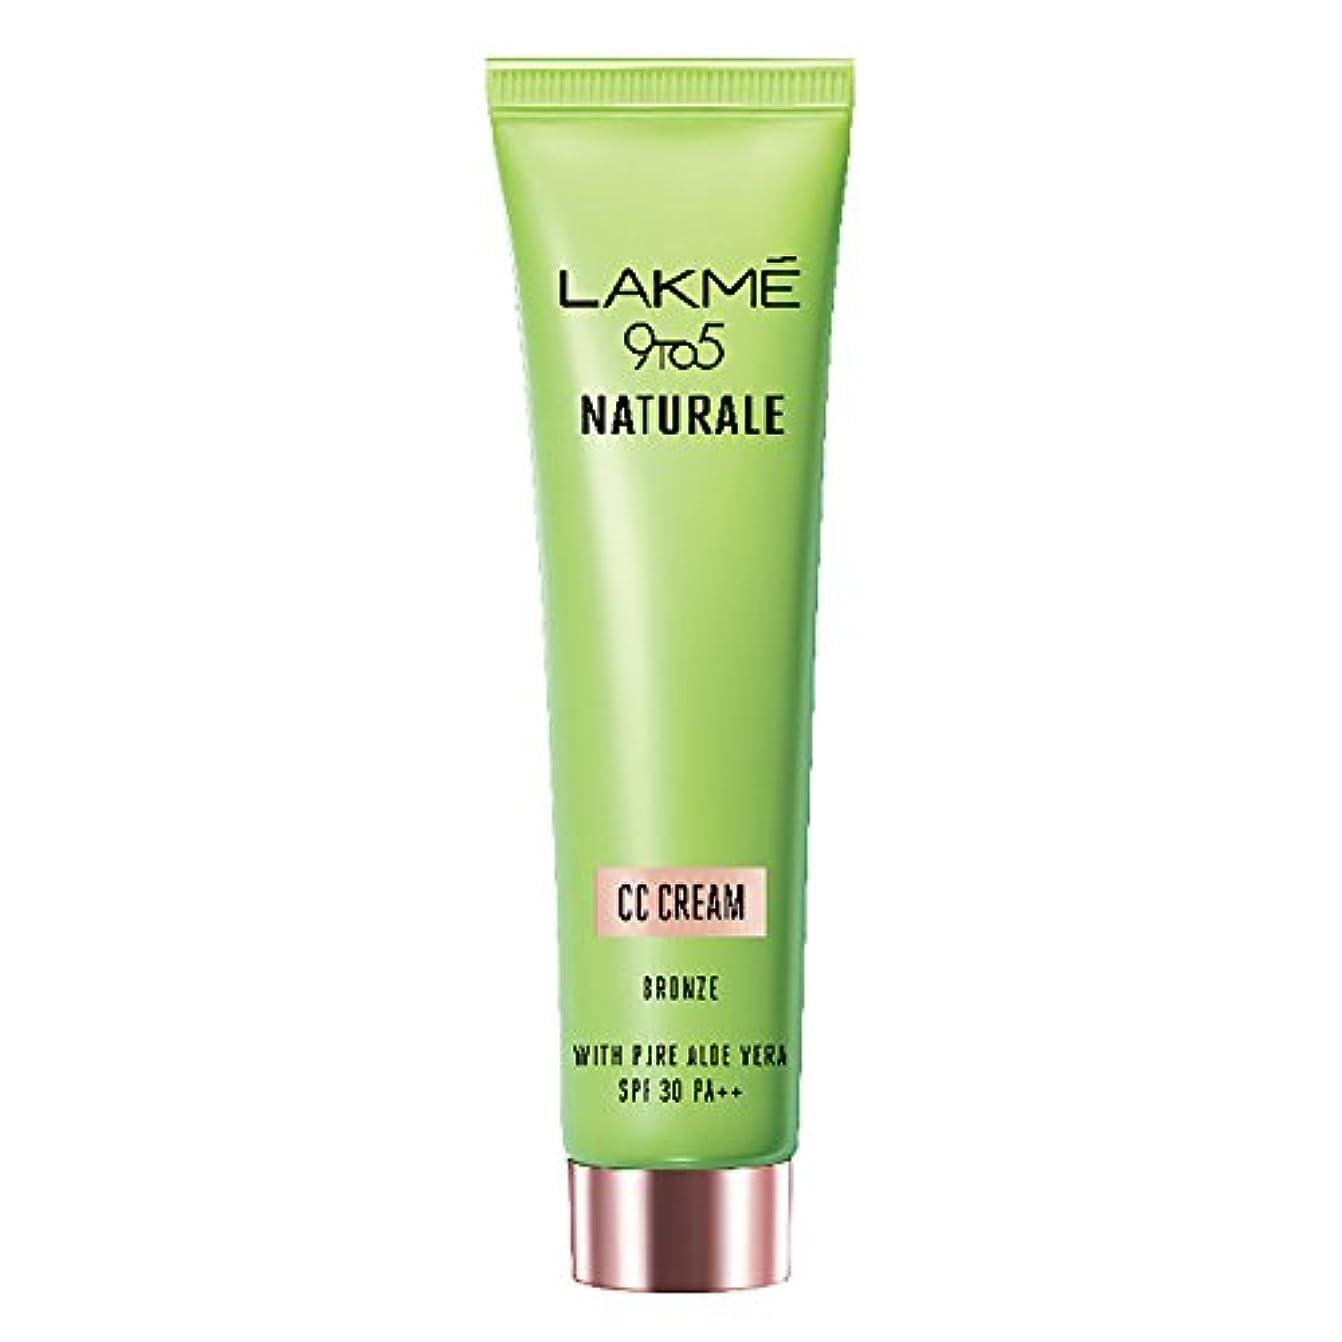 クリーナー舗装偽物Lakme 9 to 5 Naturale CC Cream, Bronze, 30g